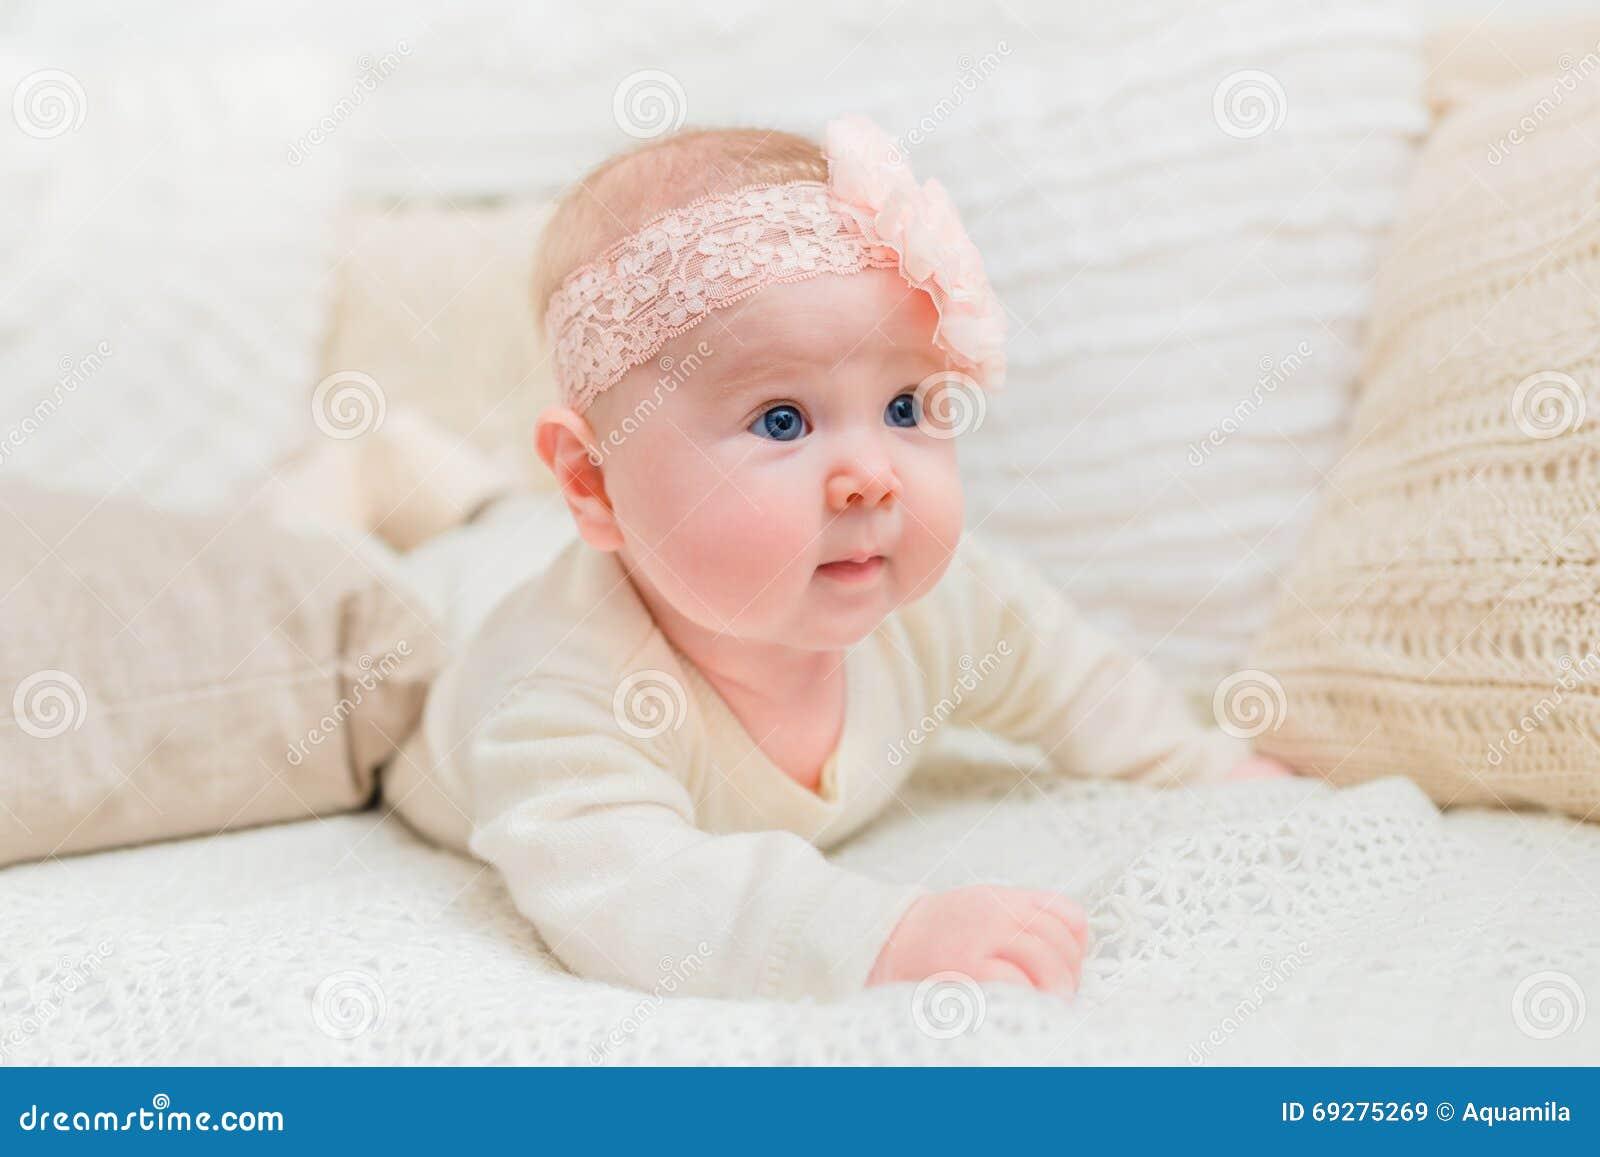 Verbaasd leuk weinig baby met mollige wangen die witte kleren en roze band die met bloem dragen op bed met gebreide hoofdkussens